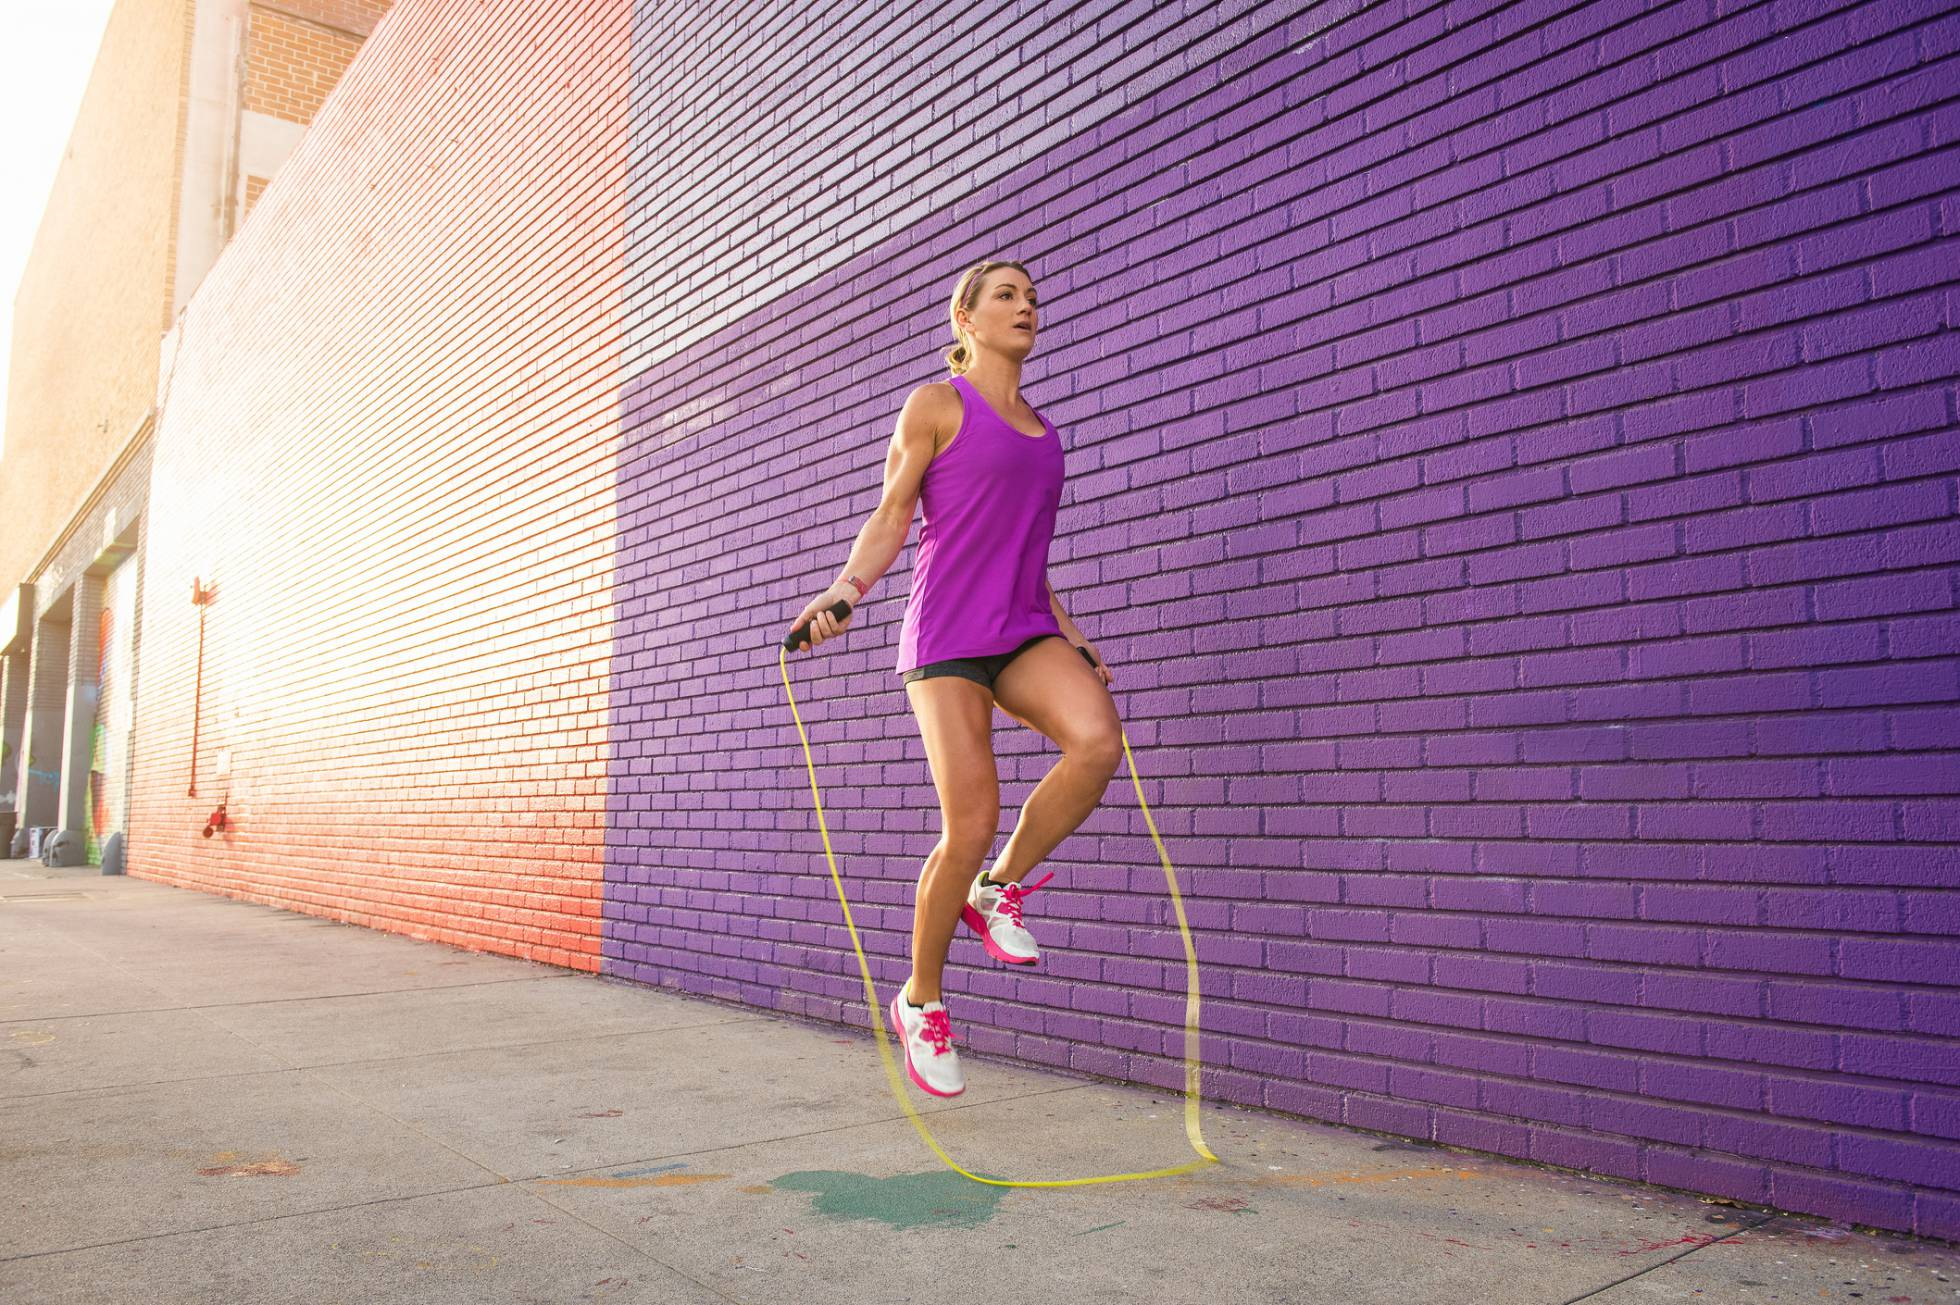 Quema más calorías que correr y evita el dolor de rodillas: los beneficios de saltar a la comba